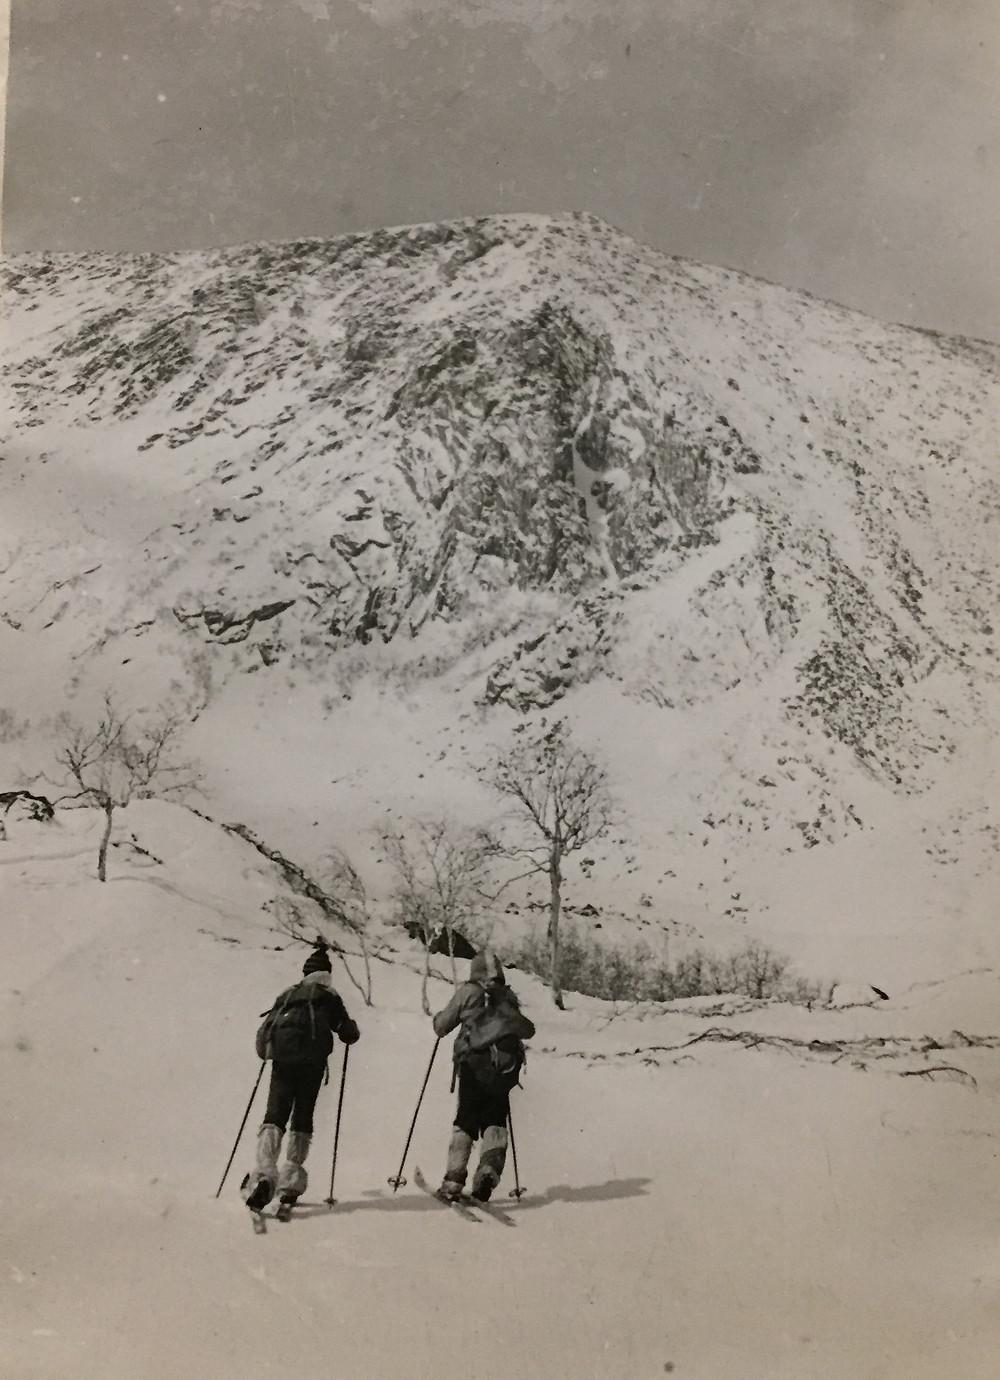 Верховья ручья| skitour.club| Блог Сергея Чеботова